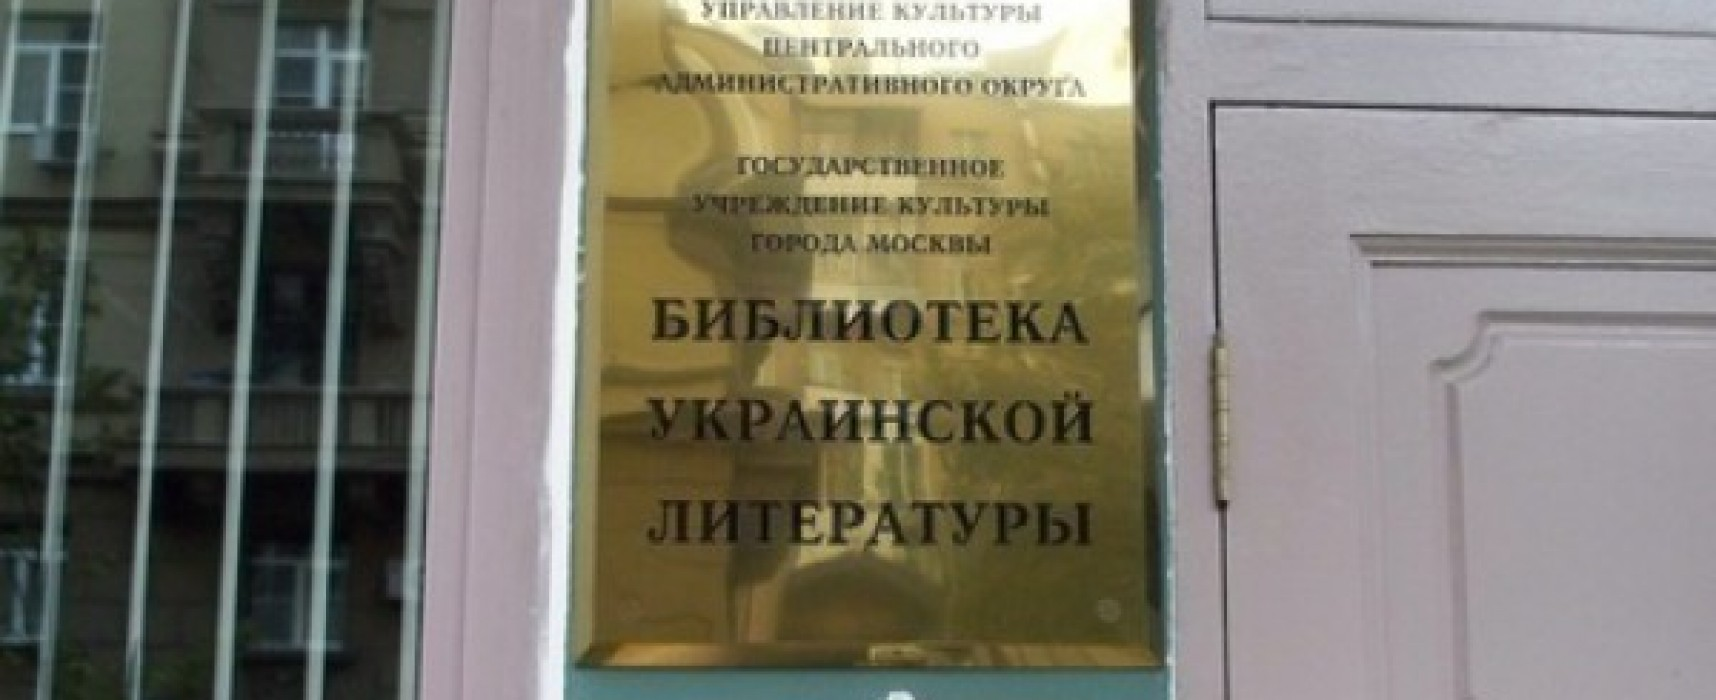 Властите в Москва решили да реформират Библиотеката за украинска литература